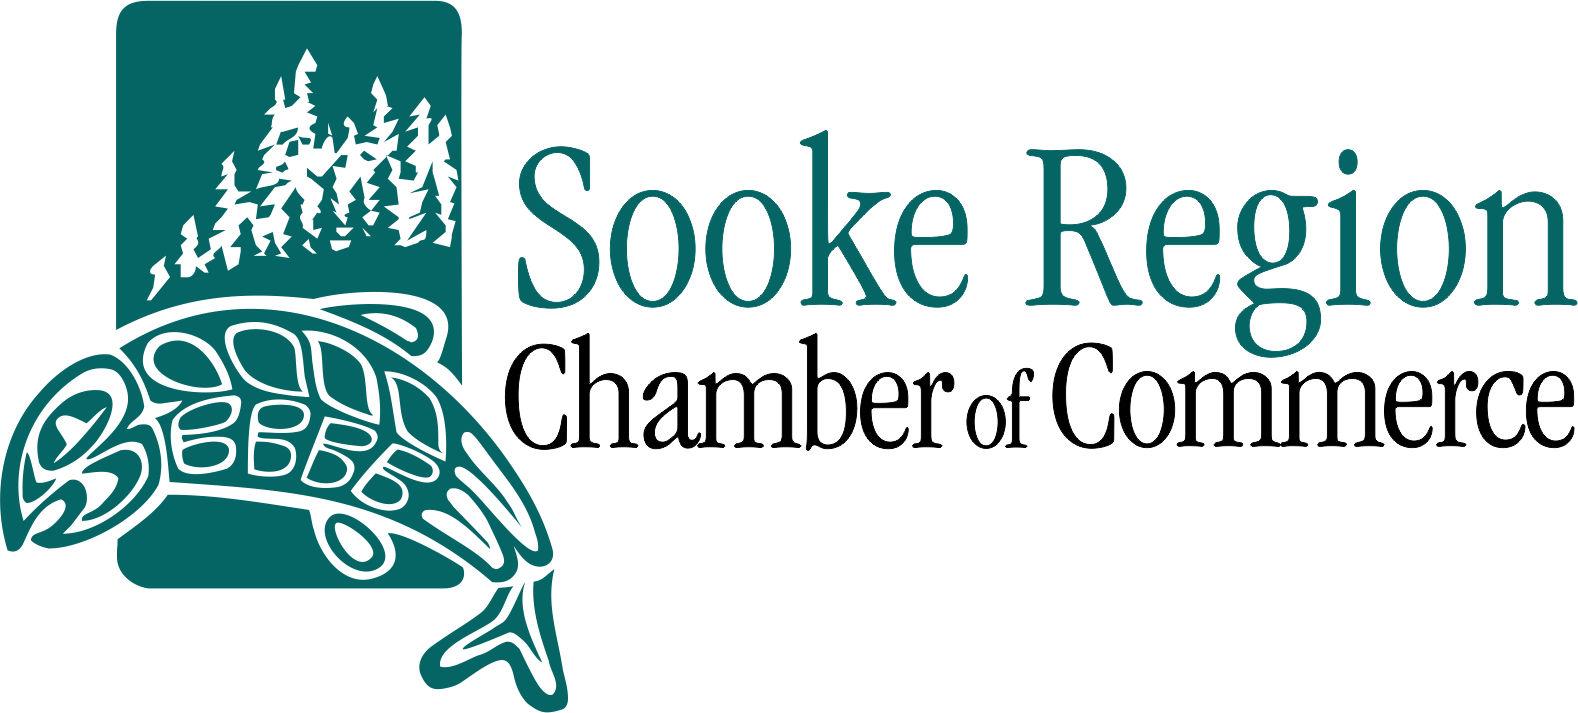 Sooke Region Chamber of Commerce